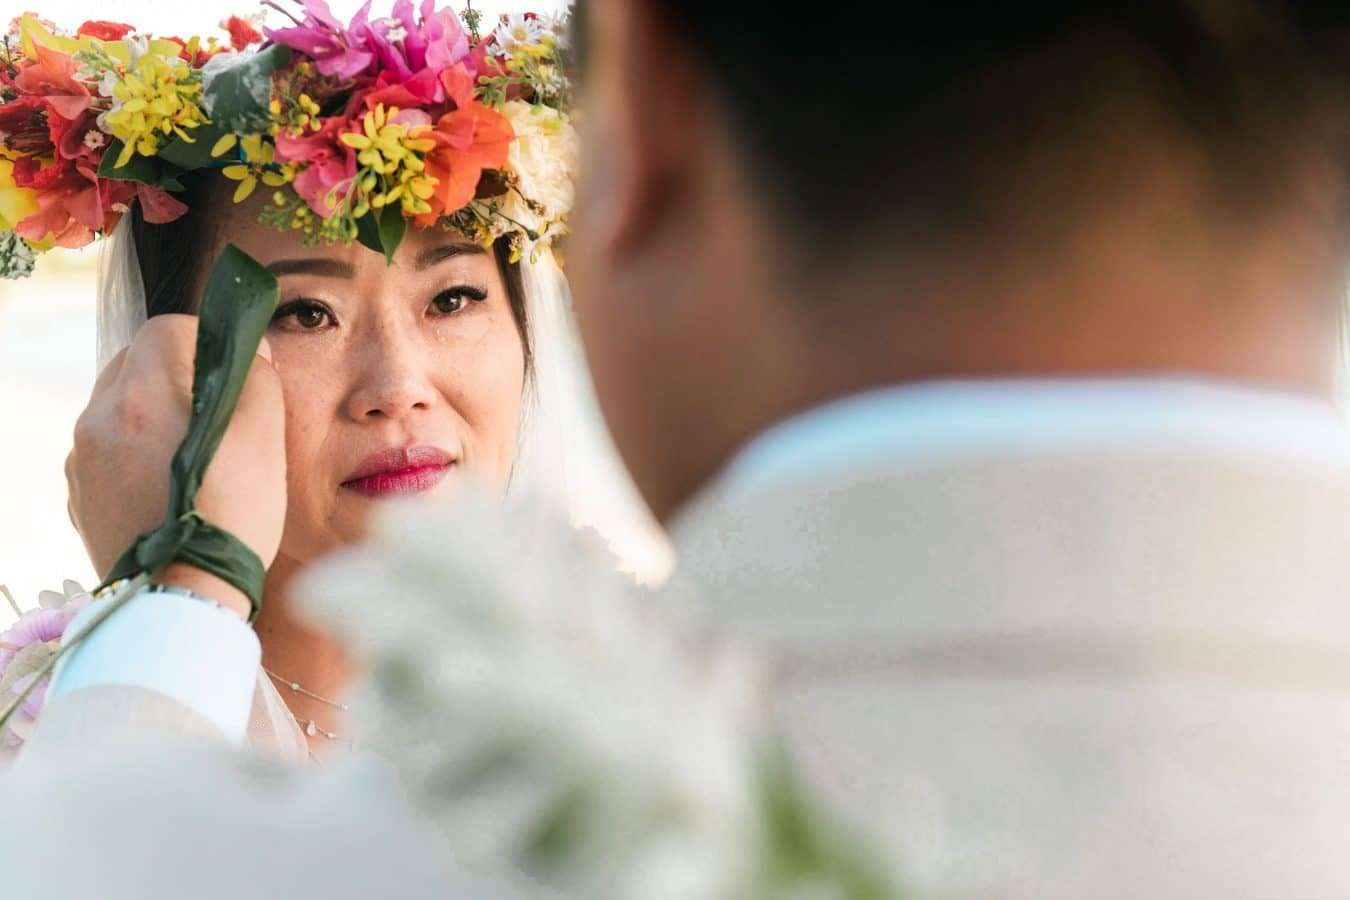 Un mariée pleure durant une cérémonie à Bora Bora